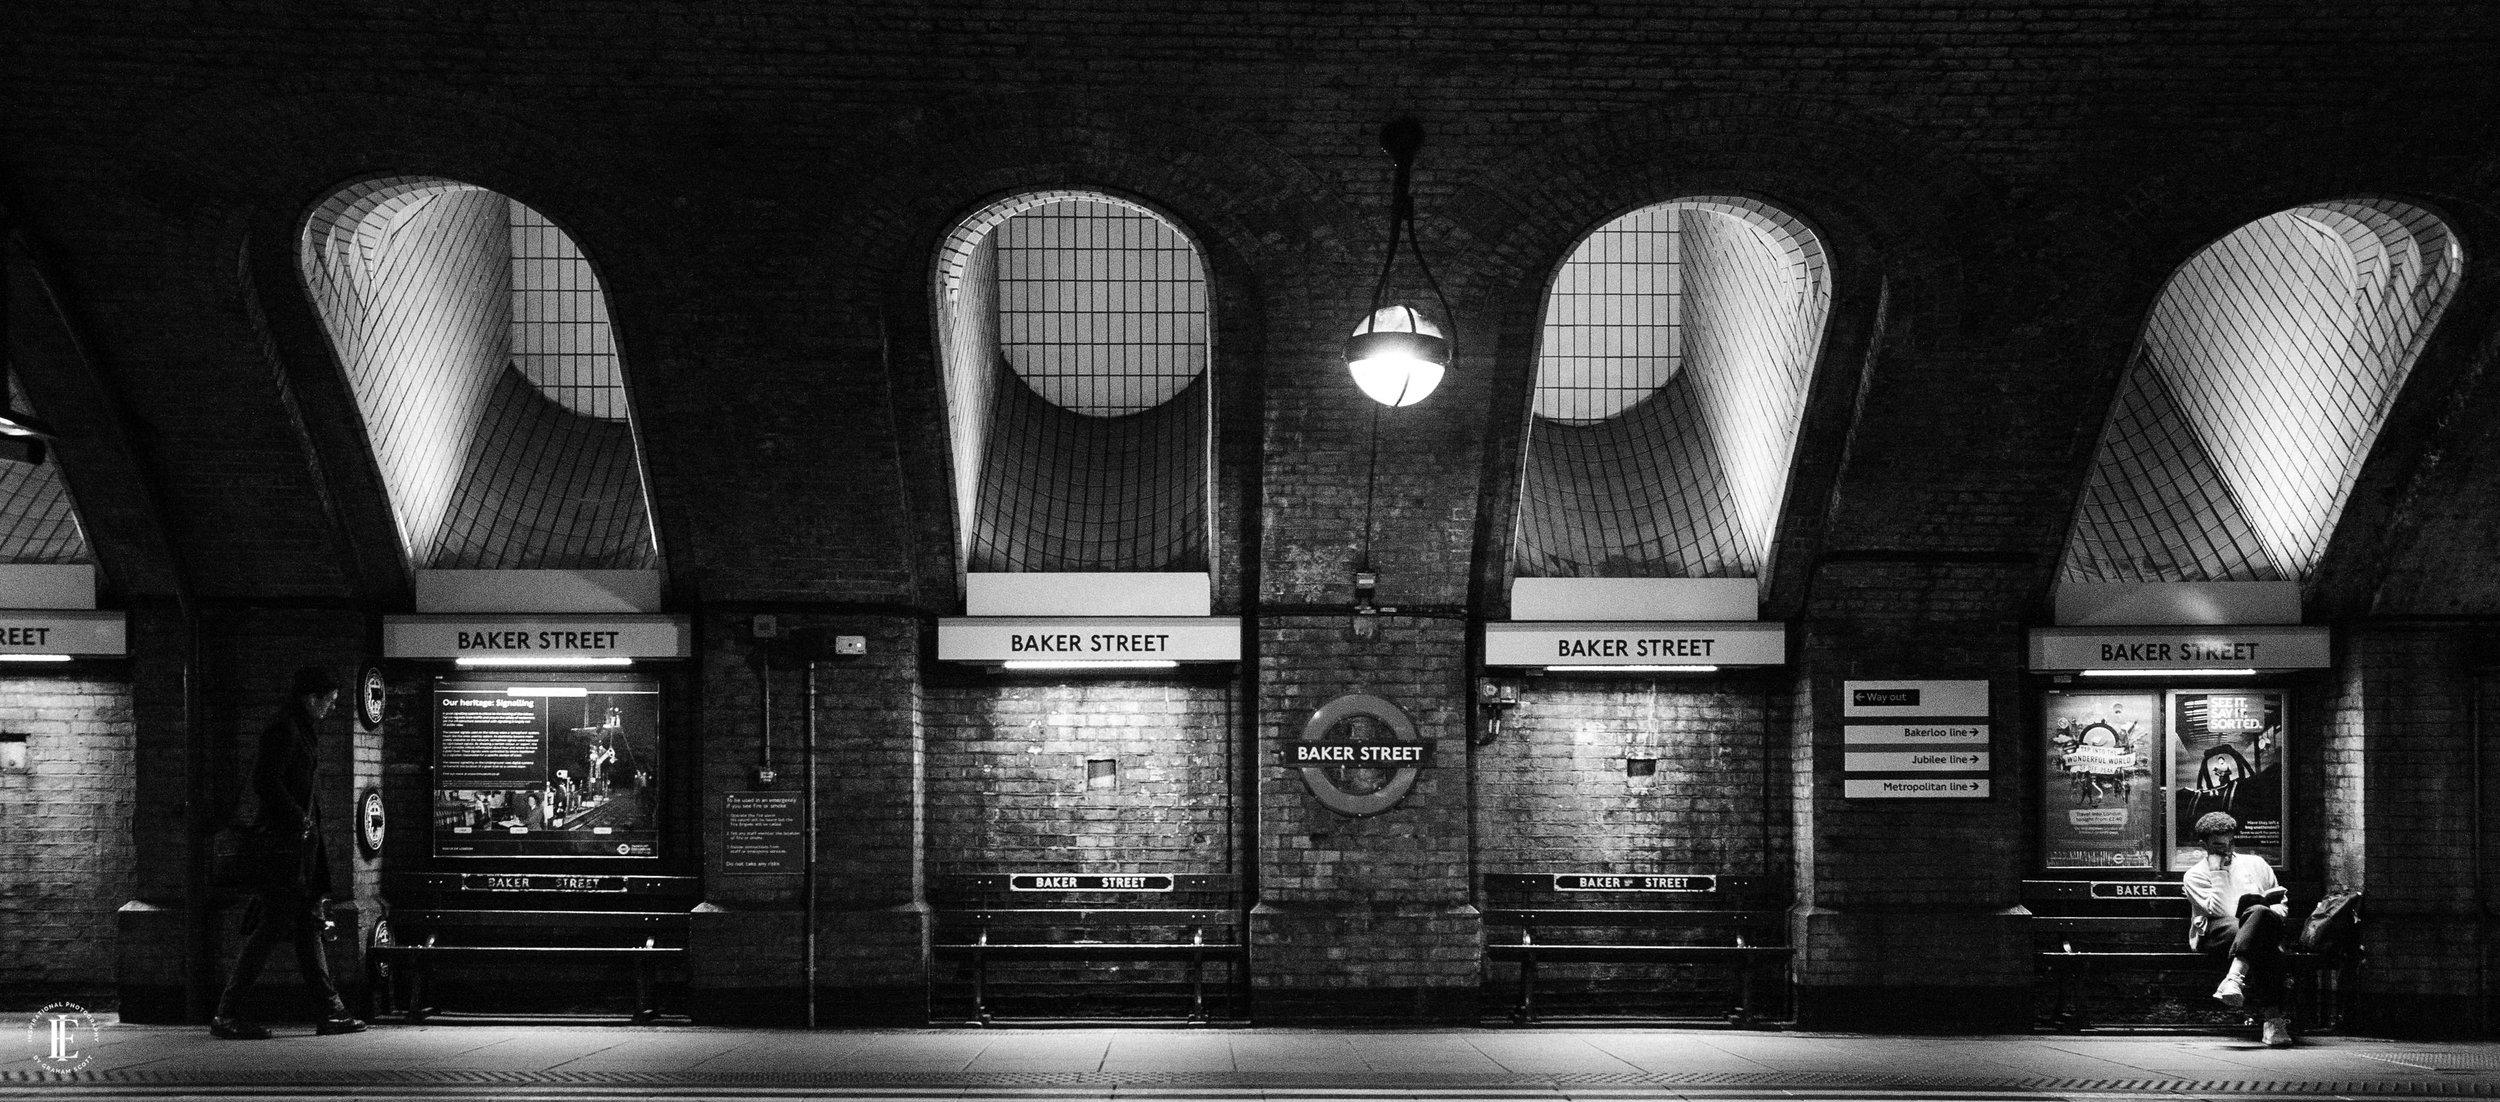 190326 London (18).jpg